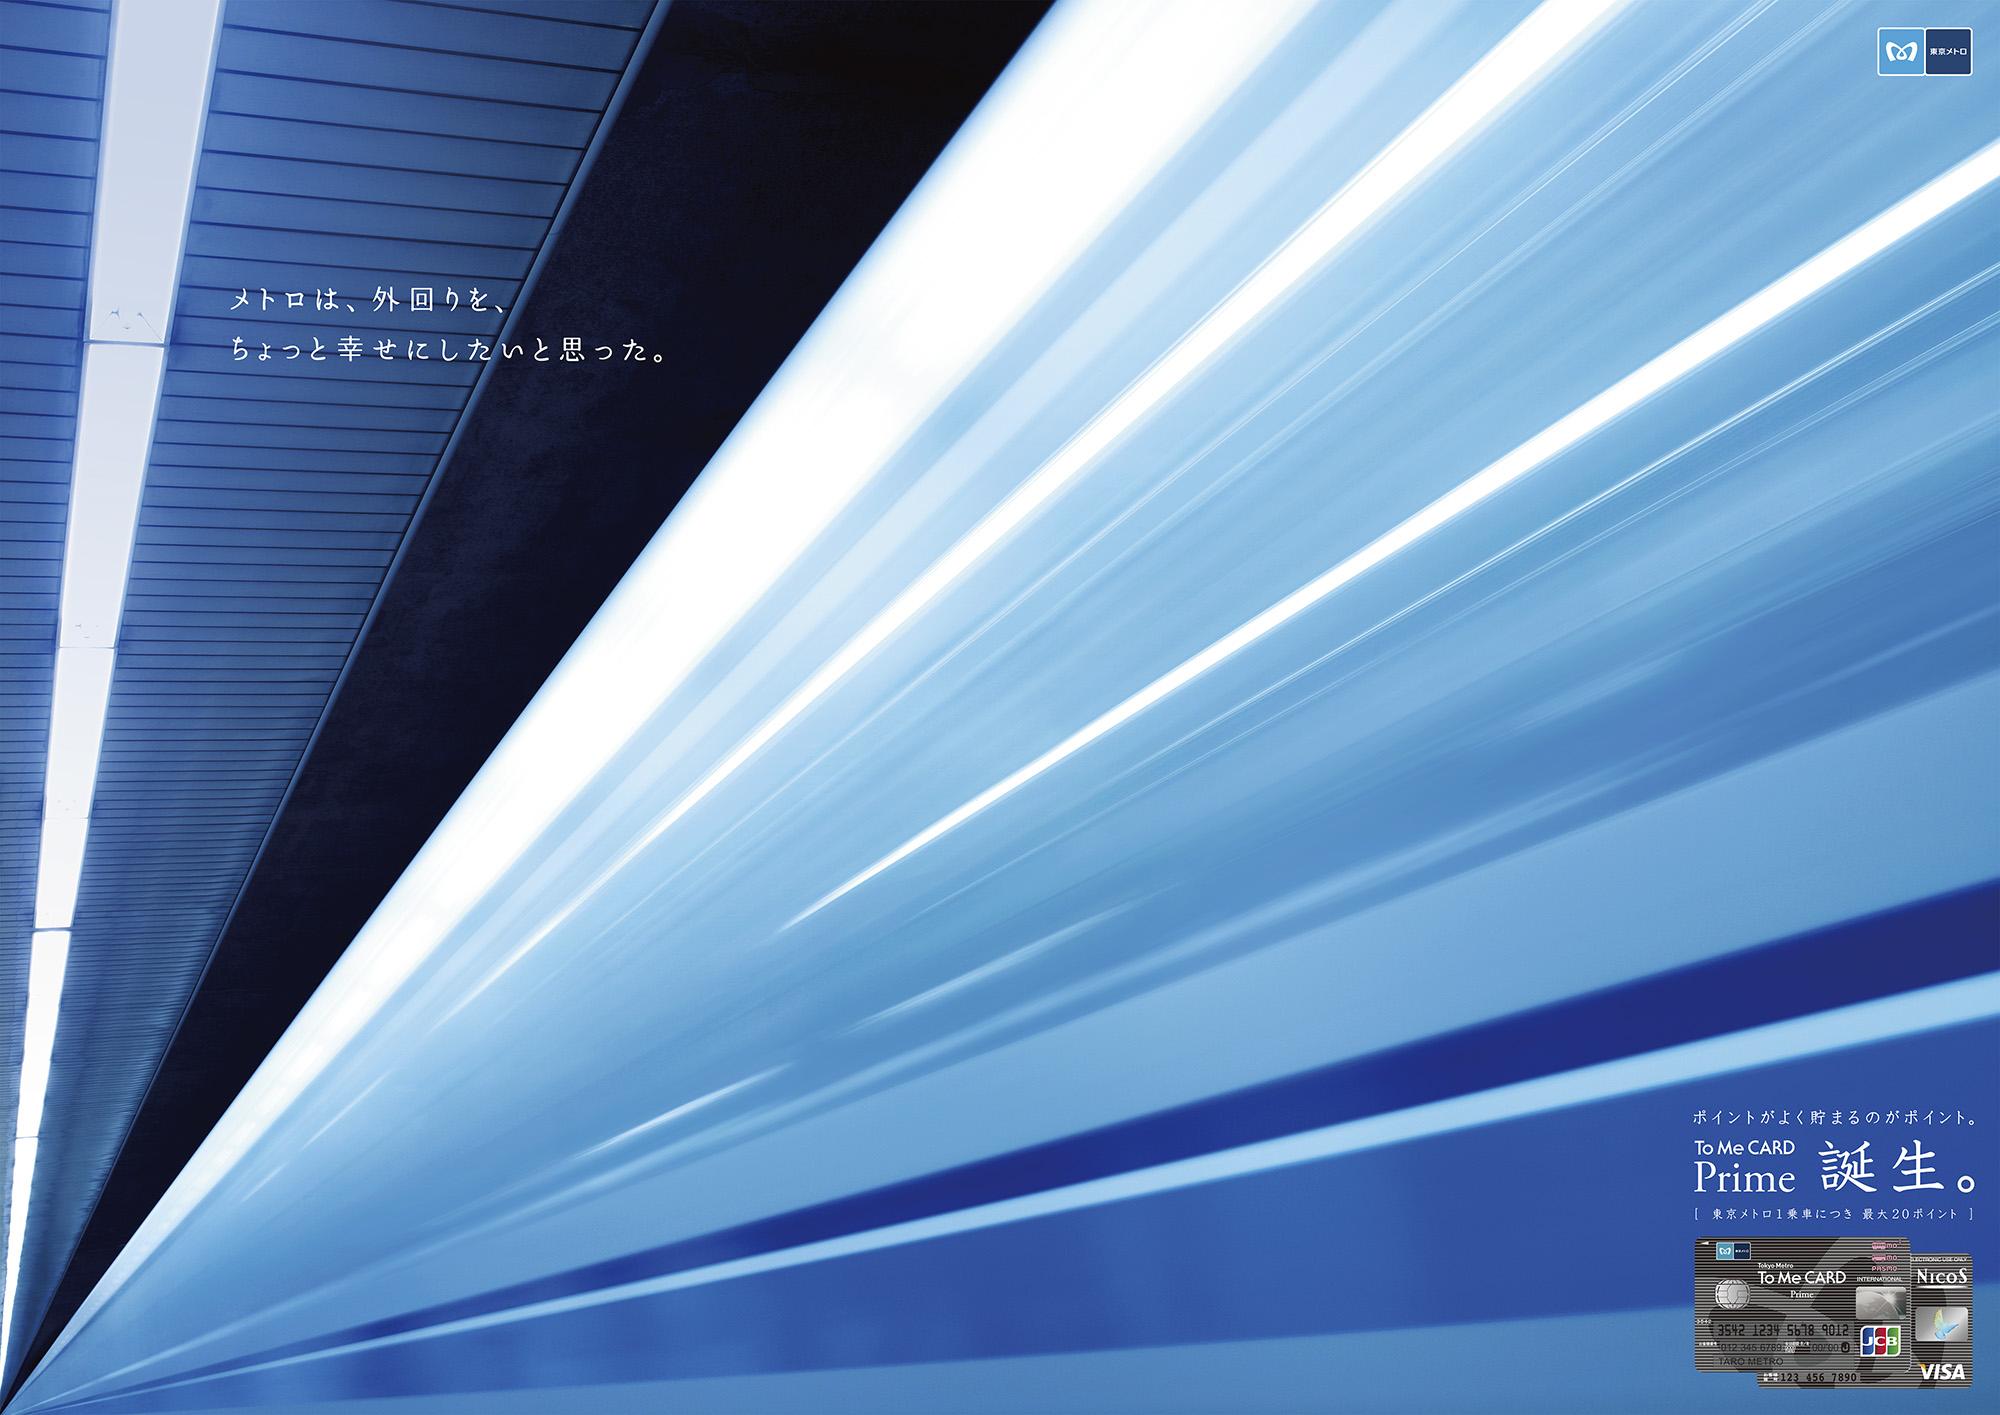 メトロ_02_2000px_72dpi.jpg